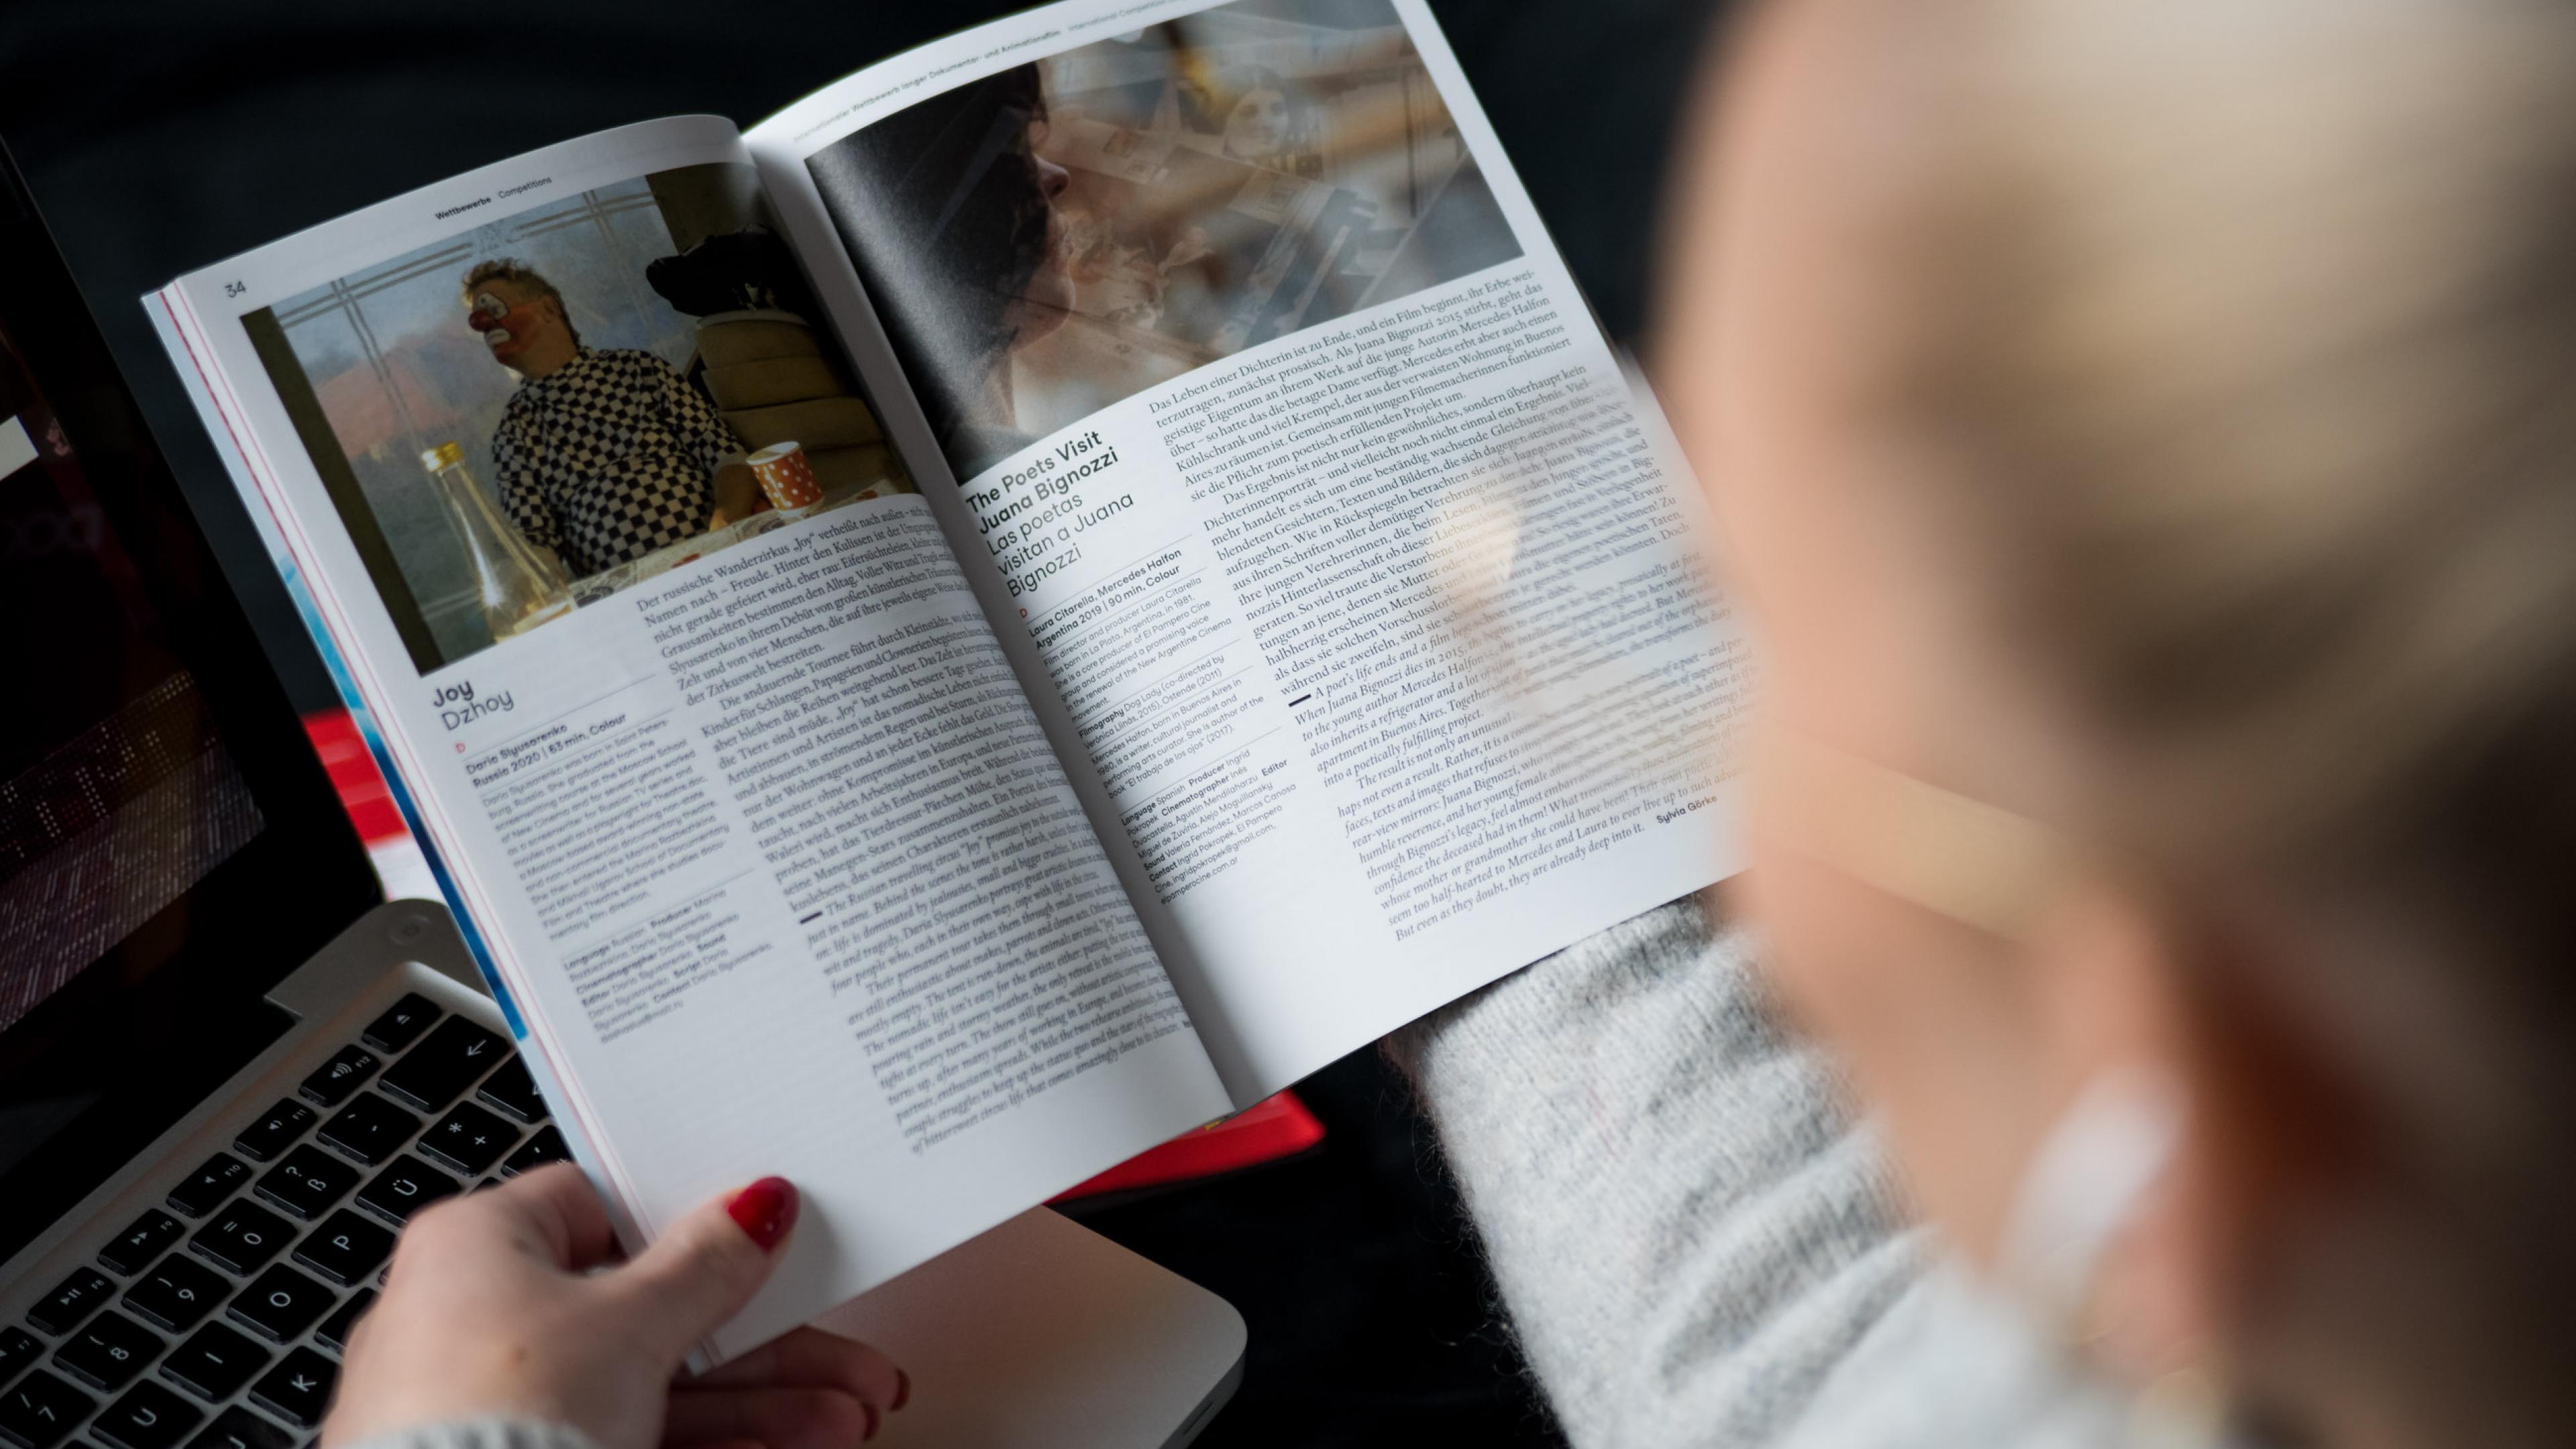 Eine Frau blättert im DOK Festivalkatalog von 2021, die Kameraperspektive blickt über ihre Schulter auf den Katalog in ihrer Hand.